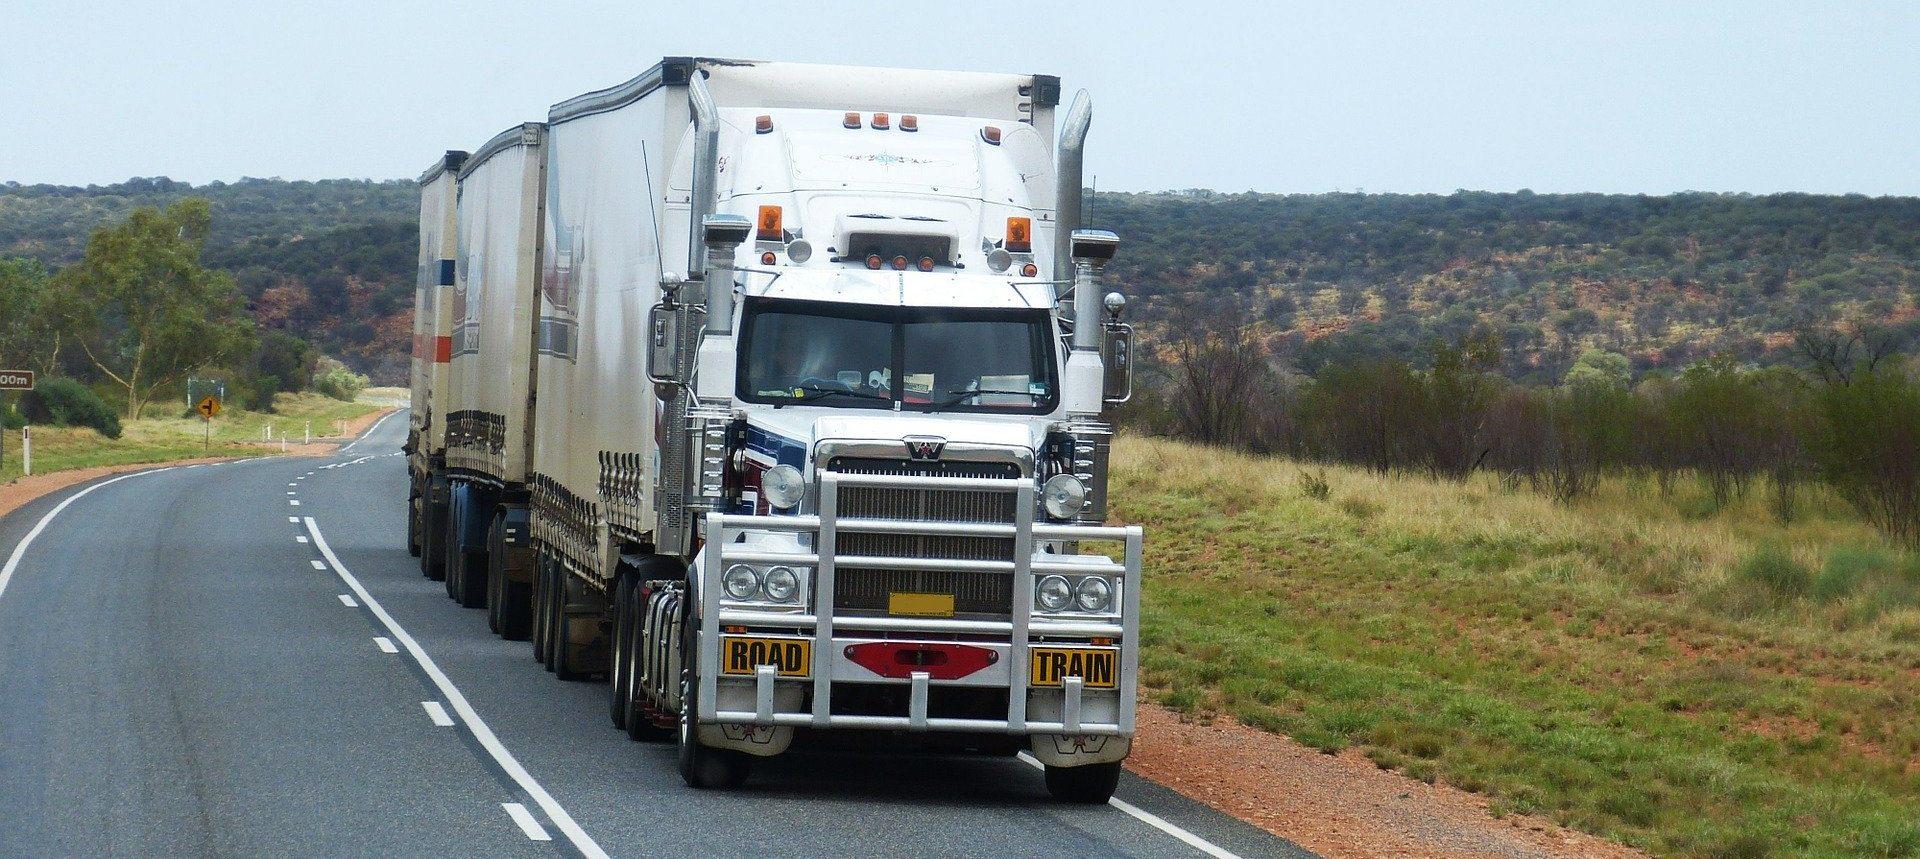 Является ли транспорт объектом производственного контроля?